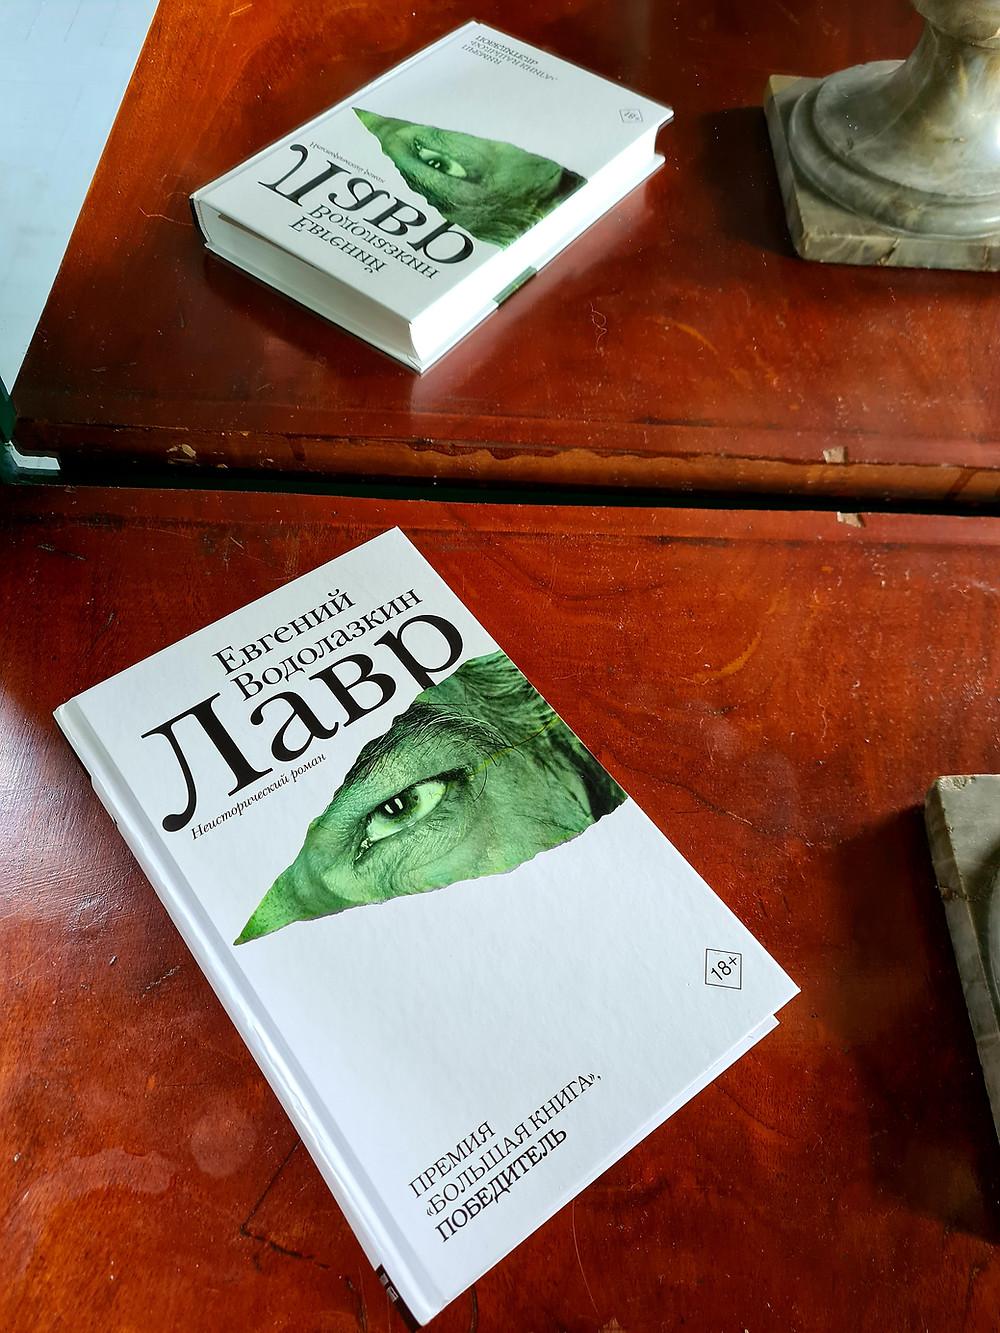 Водолазкин Е. Г. Лавр: роман. — М.: АСТ; Редакция Елены Шубиной, 2021. — 440, [8] с. Фото © Евгений Пустошкин